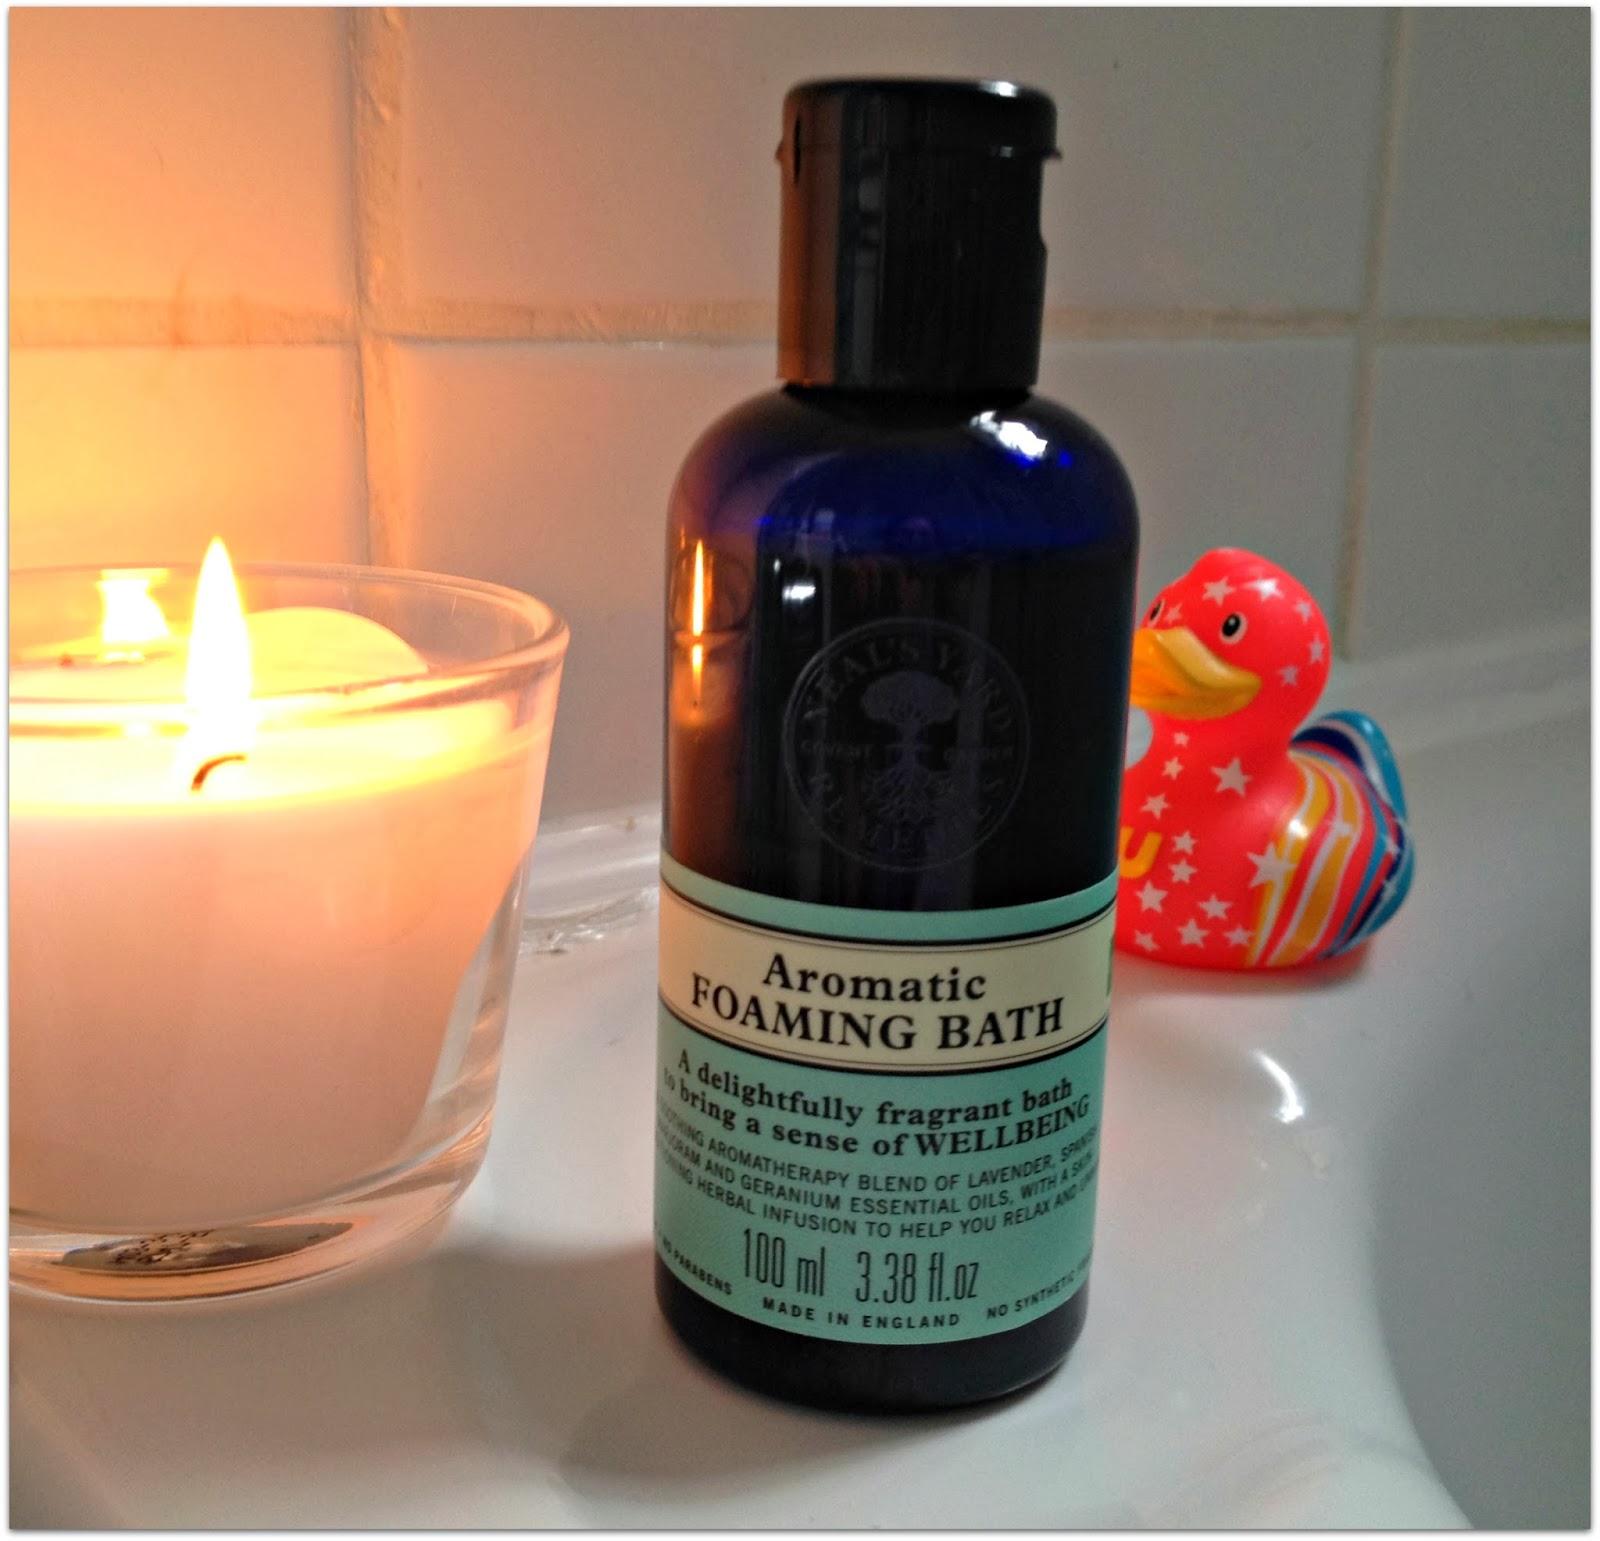 Neal's Yard Aromatic Foaming Bath